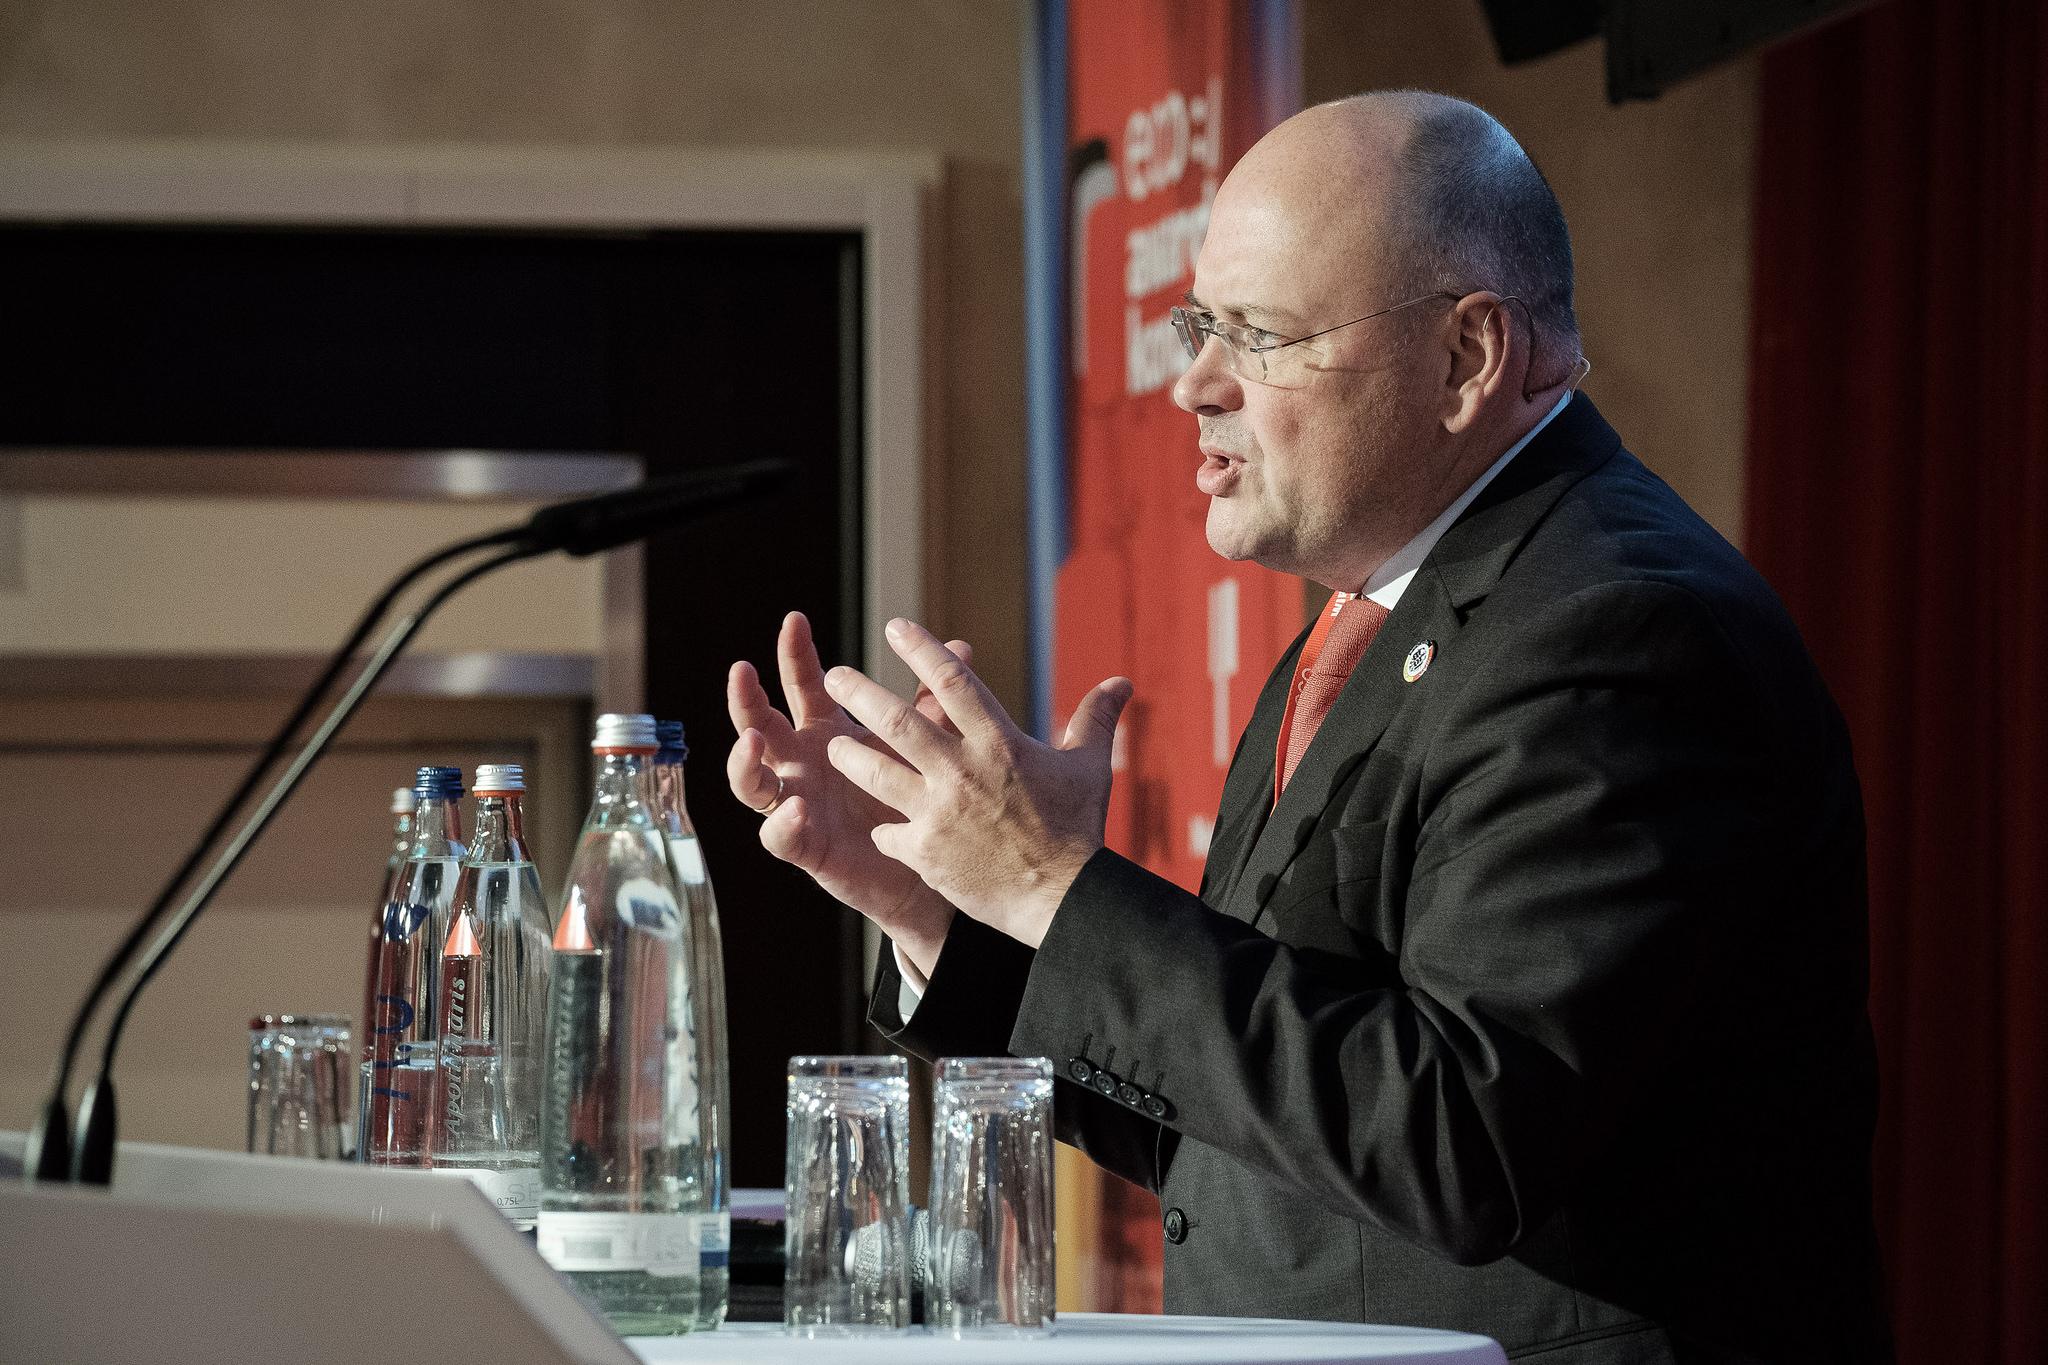 eco://kongress & eco:awards: Gemeinsam die digitale Zukunft gestalten 13